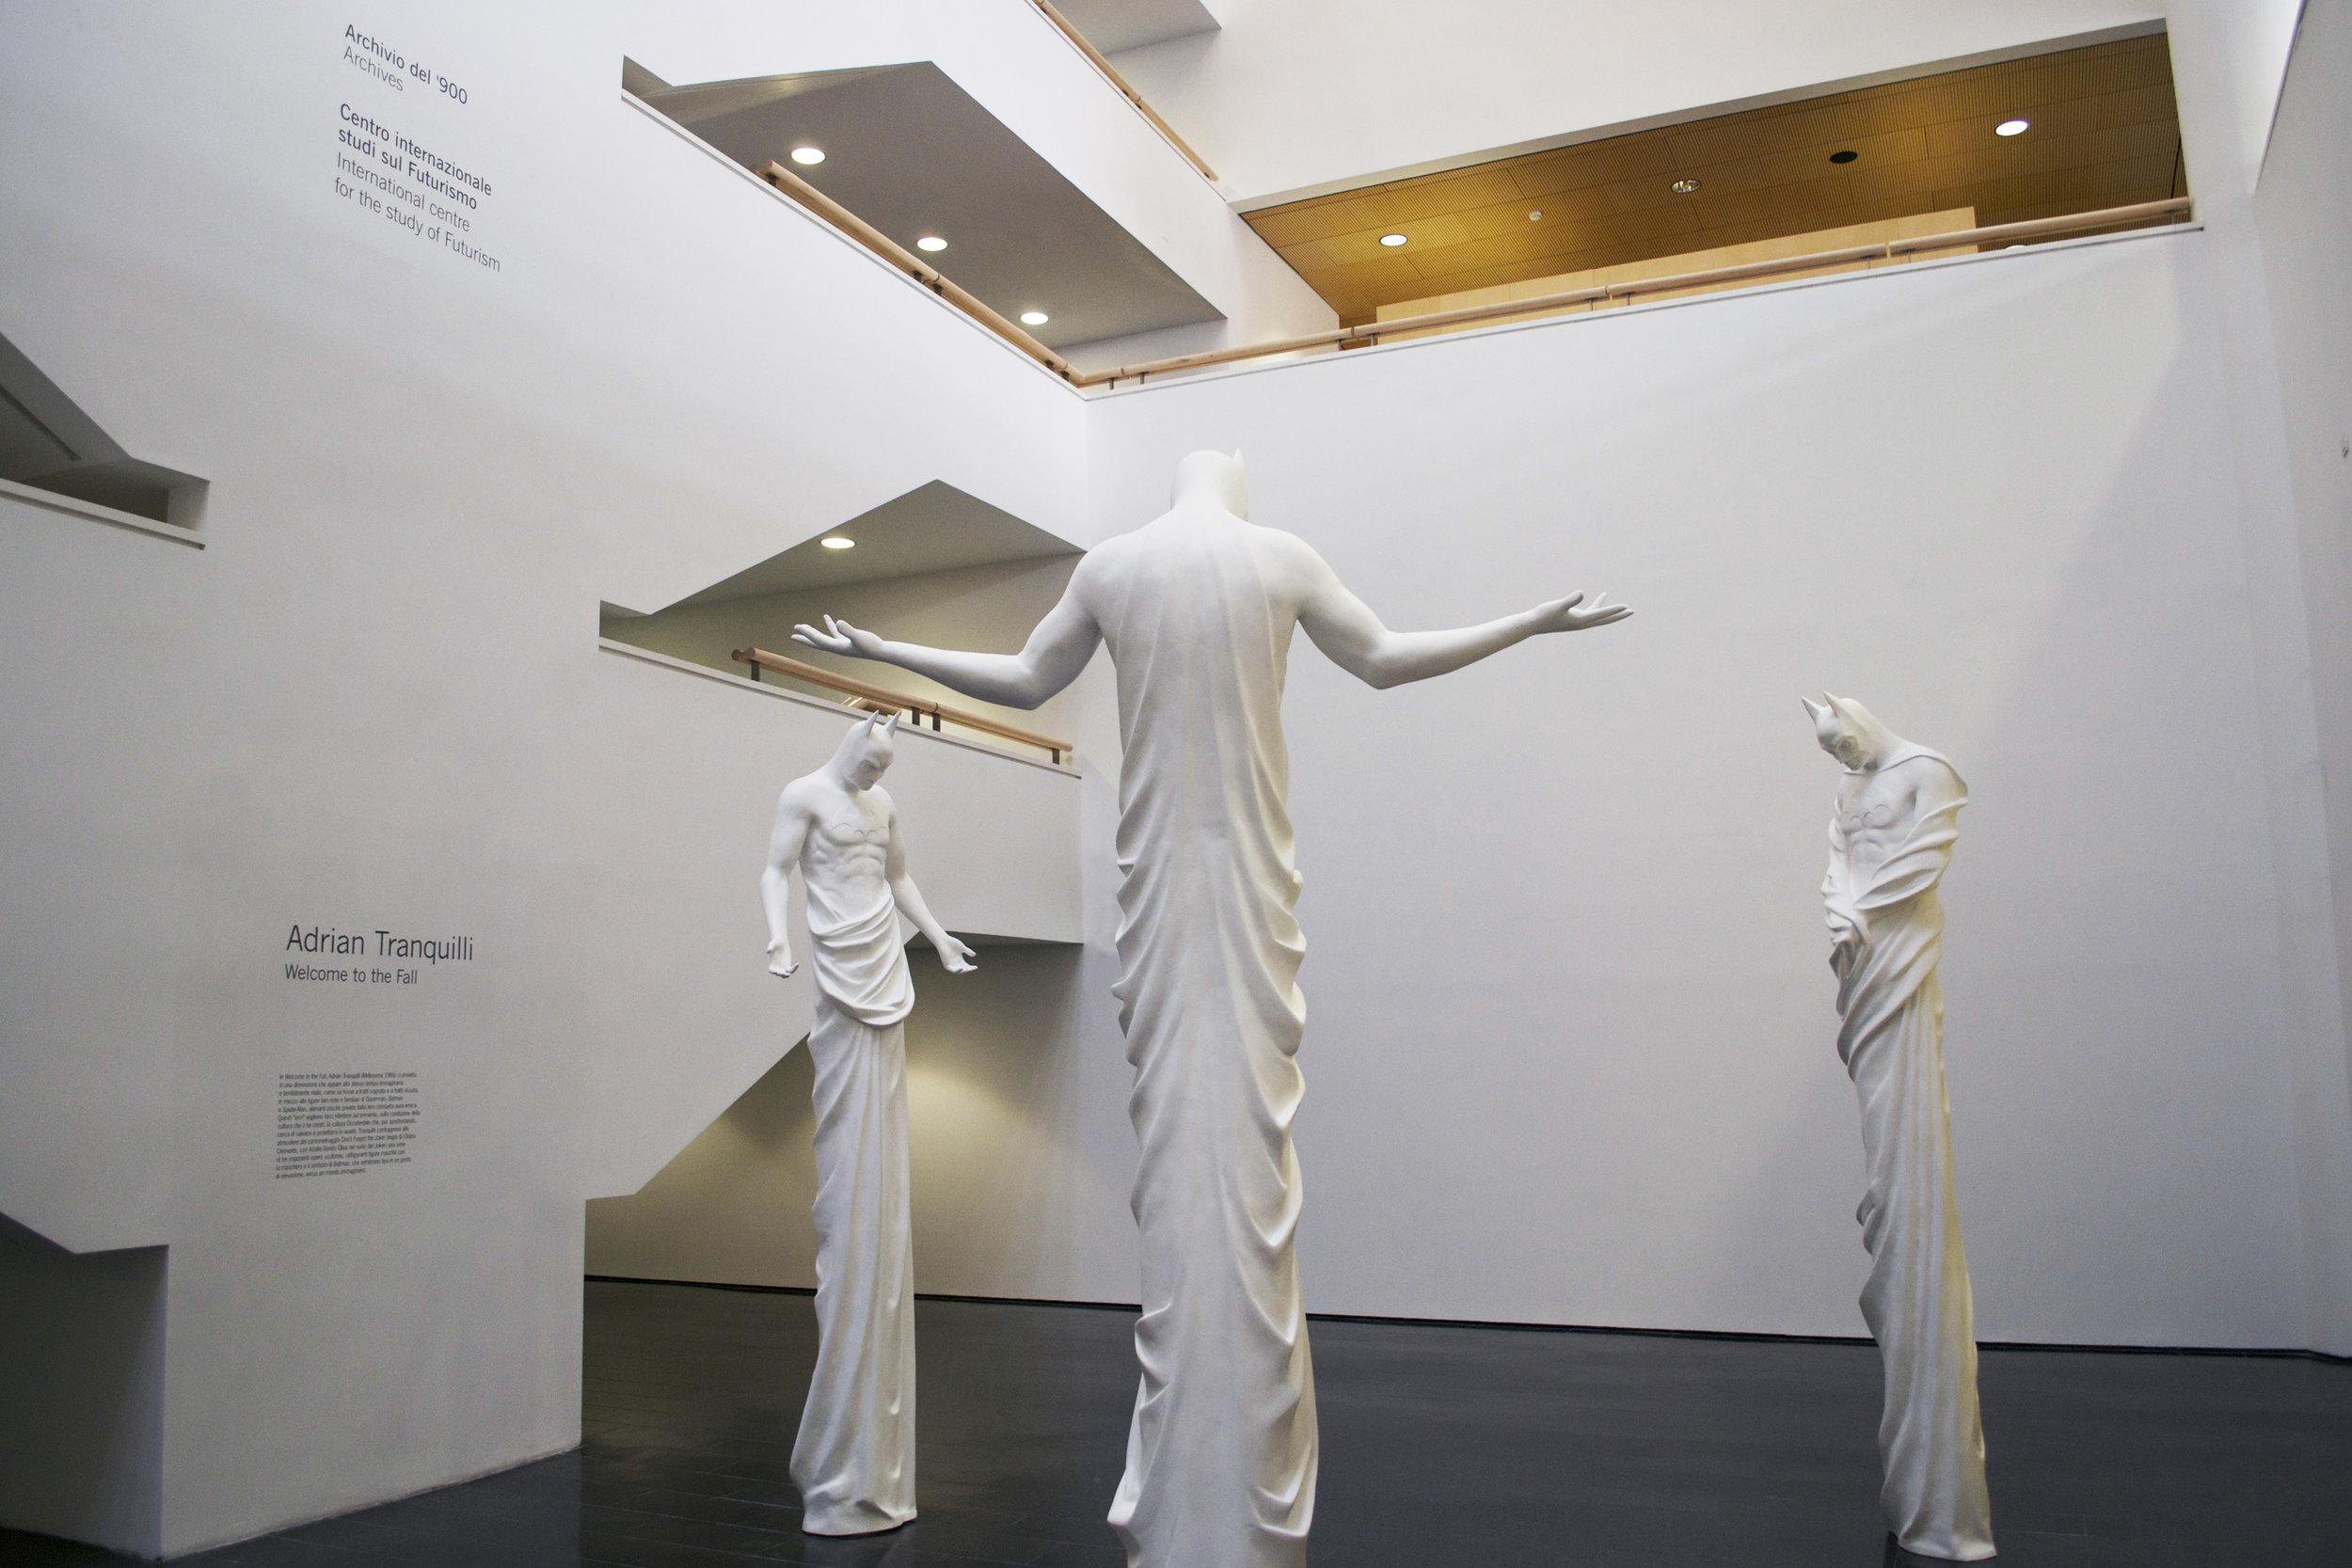 In Excelsis , 2013 . MART - Museo d'Arte Moderna e Contemporanea di Trento e Rovereto, Rovereto 2014. Installation view.Photo: Studio Adrian Tranquilli